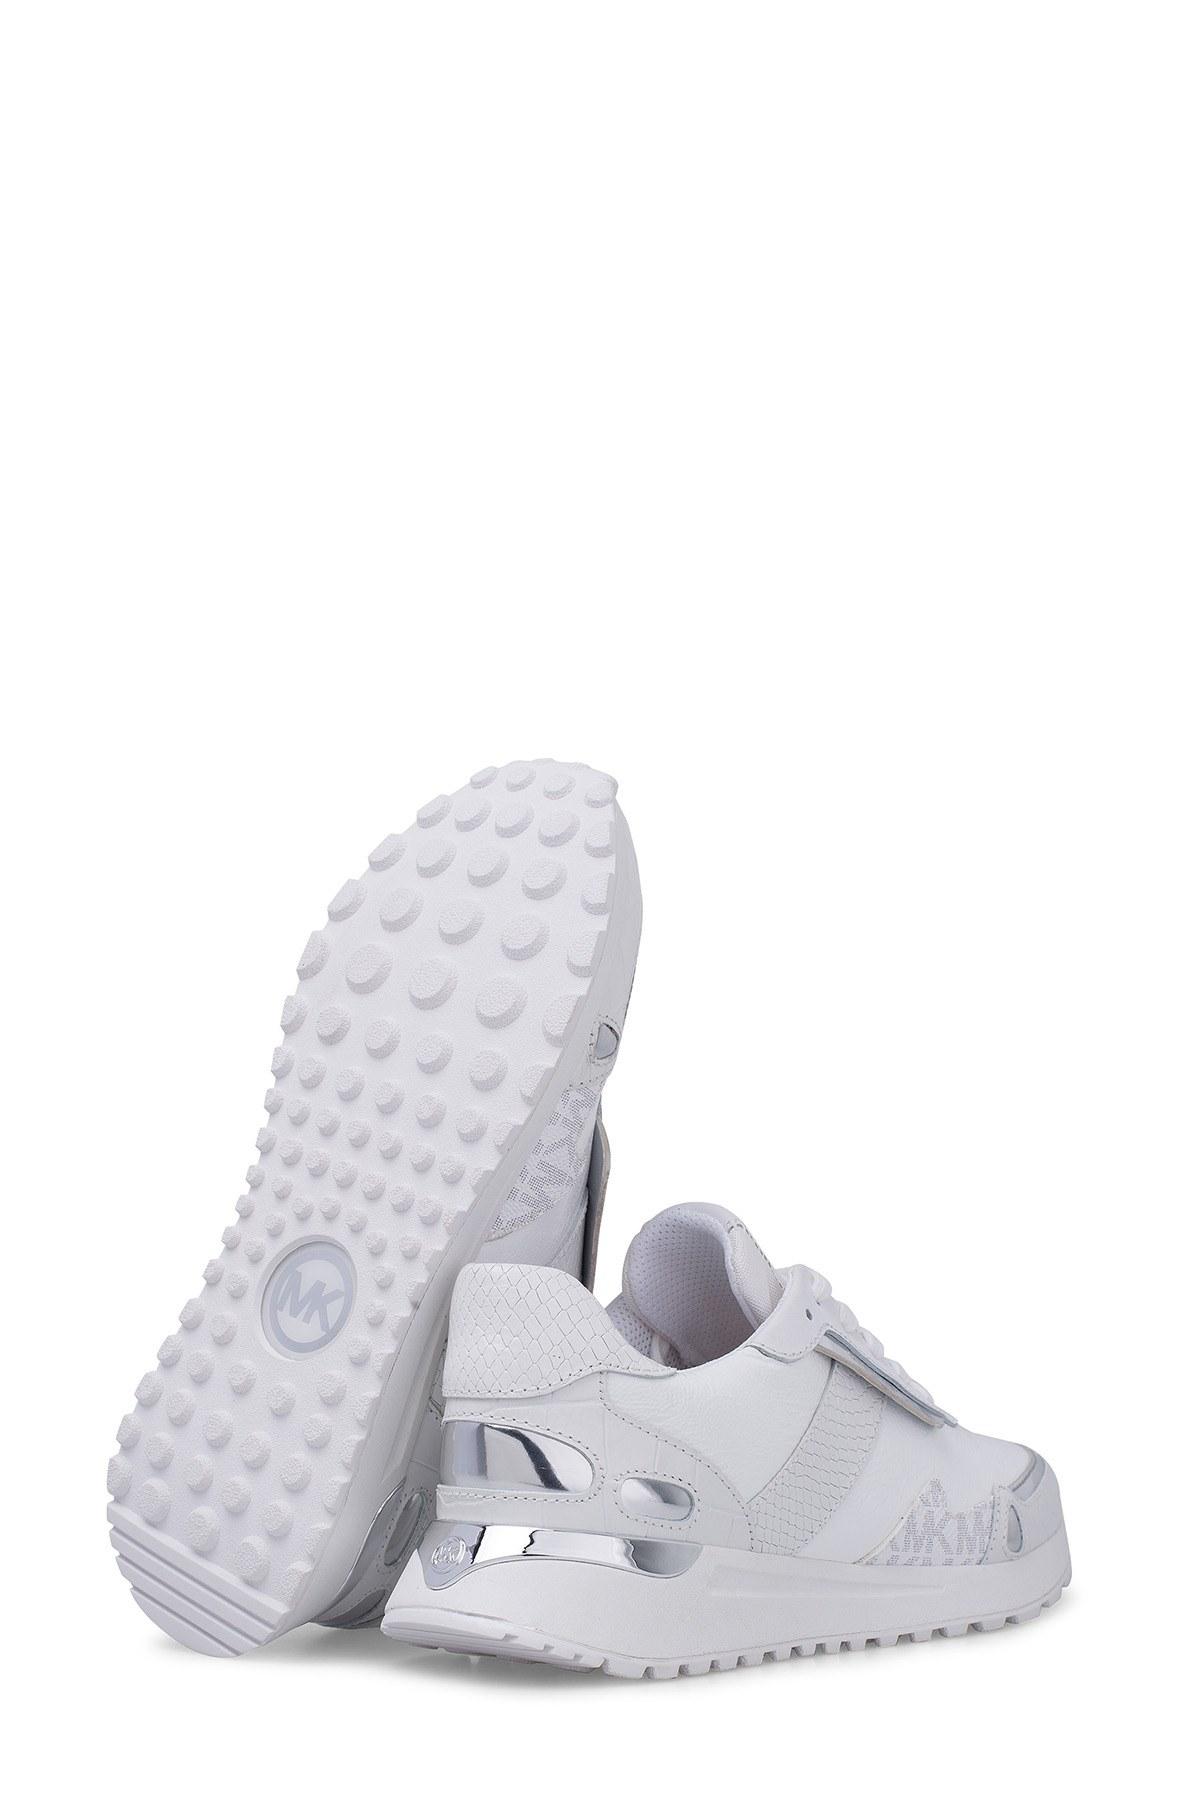 Michael Kors Kadın Ayakkabı 43R0MOFP1L 119 BEYAZ